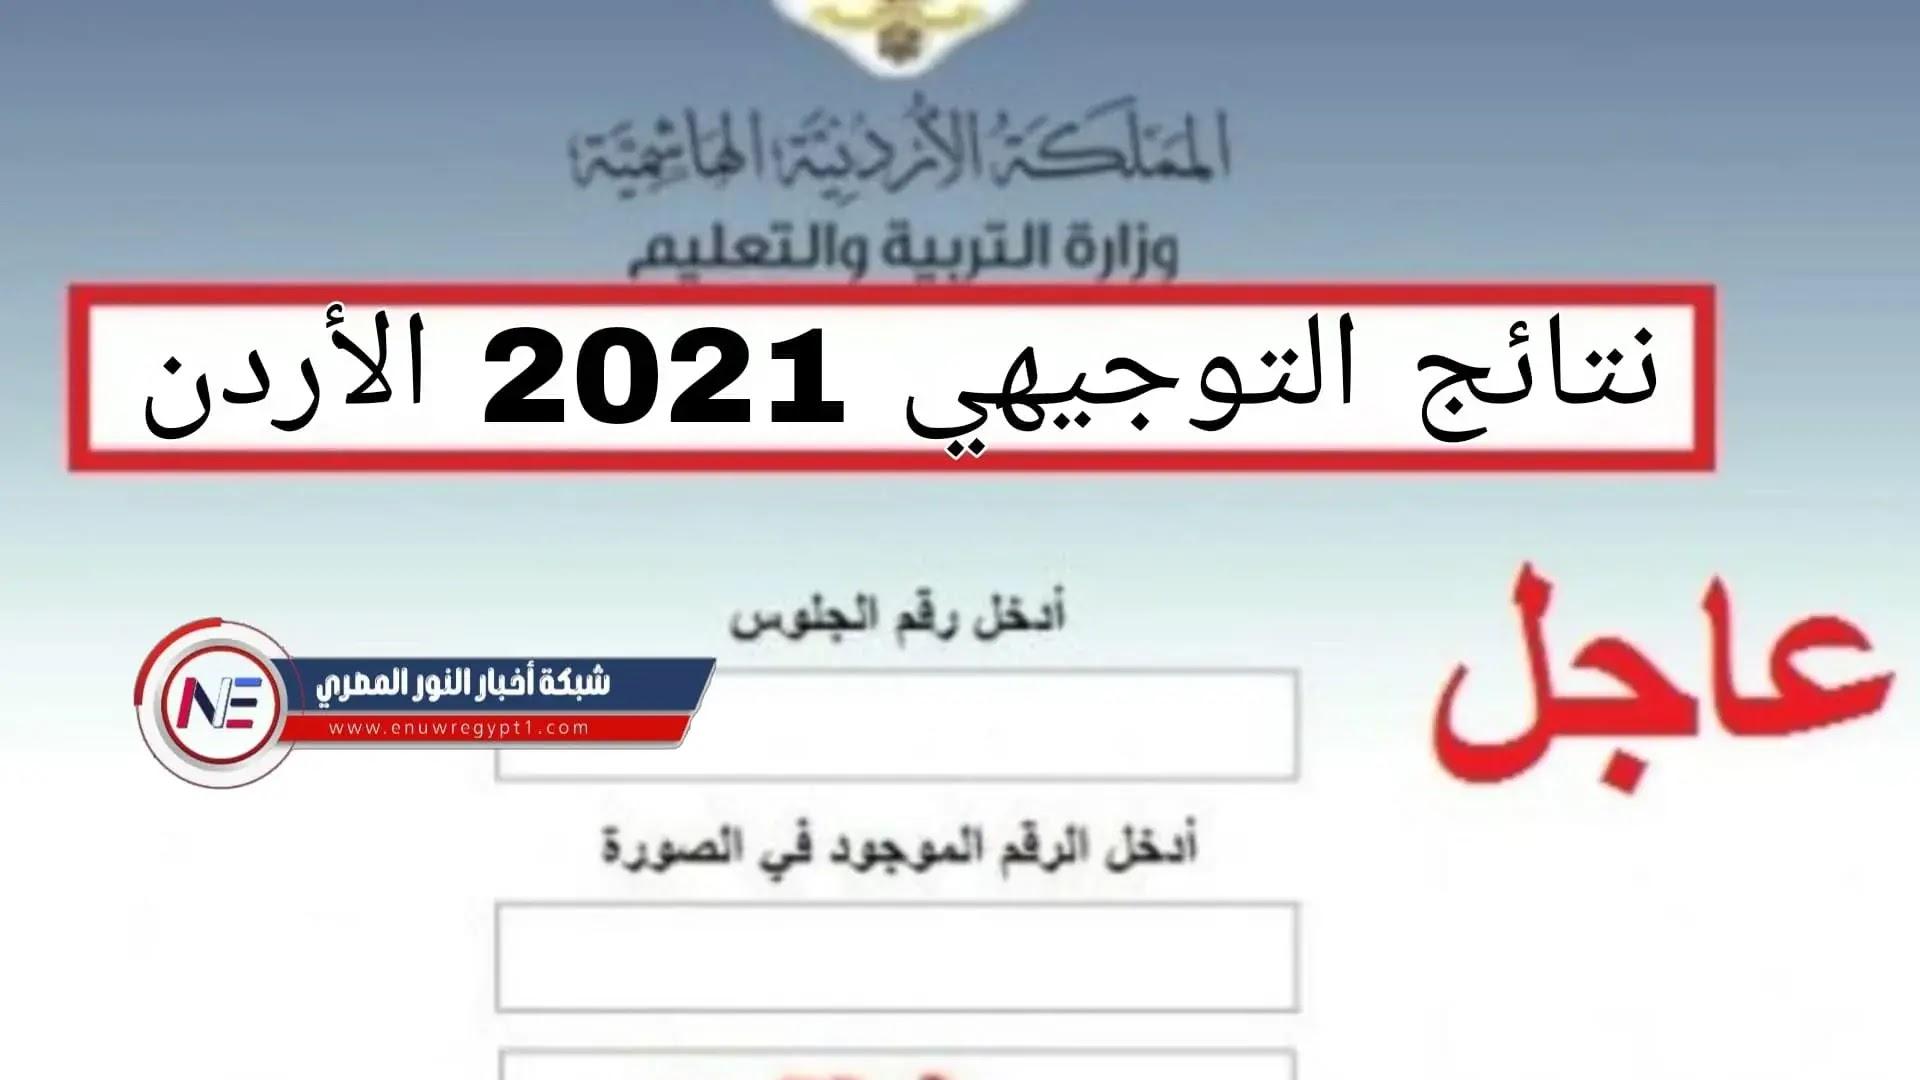 نتائج التوجيهي 2021 الأردن | رابط نتيجة الثانوية العامة الأردنية عبر رابط موقع وزارة التربية والتعليم الأردنية moe.gov.jo